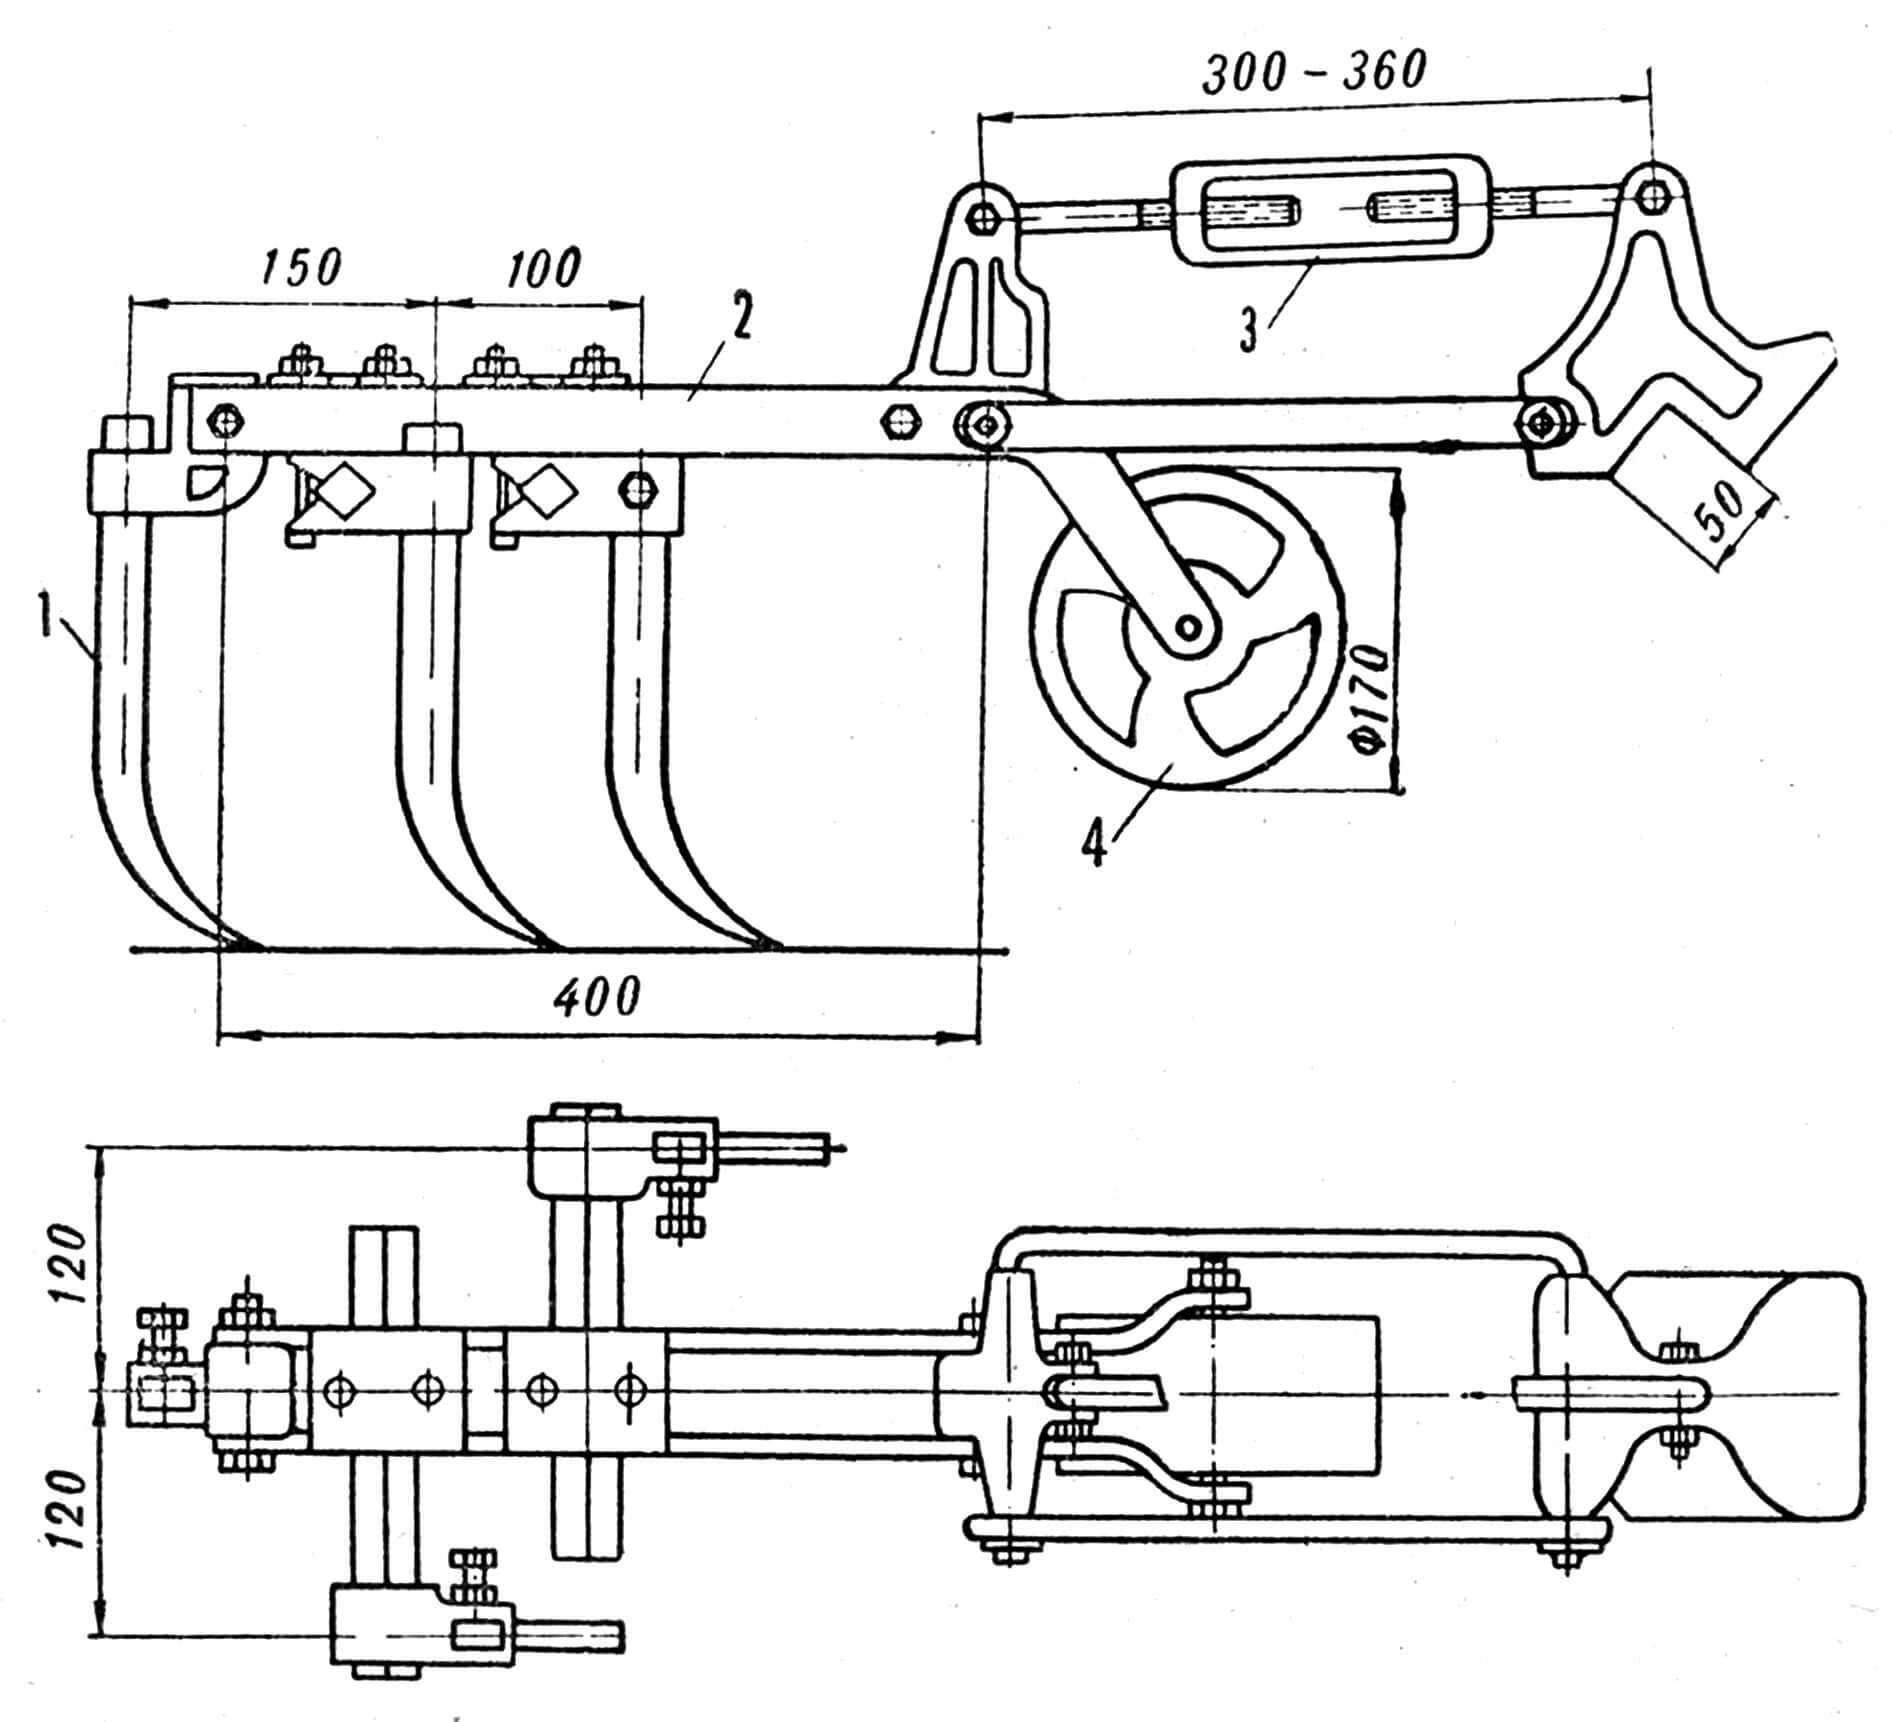 Рис. 3. Секция самоходного рыхлителя: 1 — лапа, 2 — рама, 3 — растяжка, 4 — опорный каток.